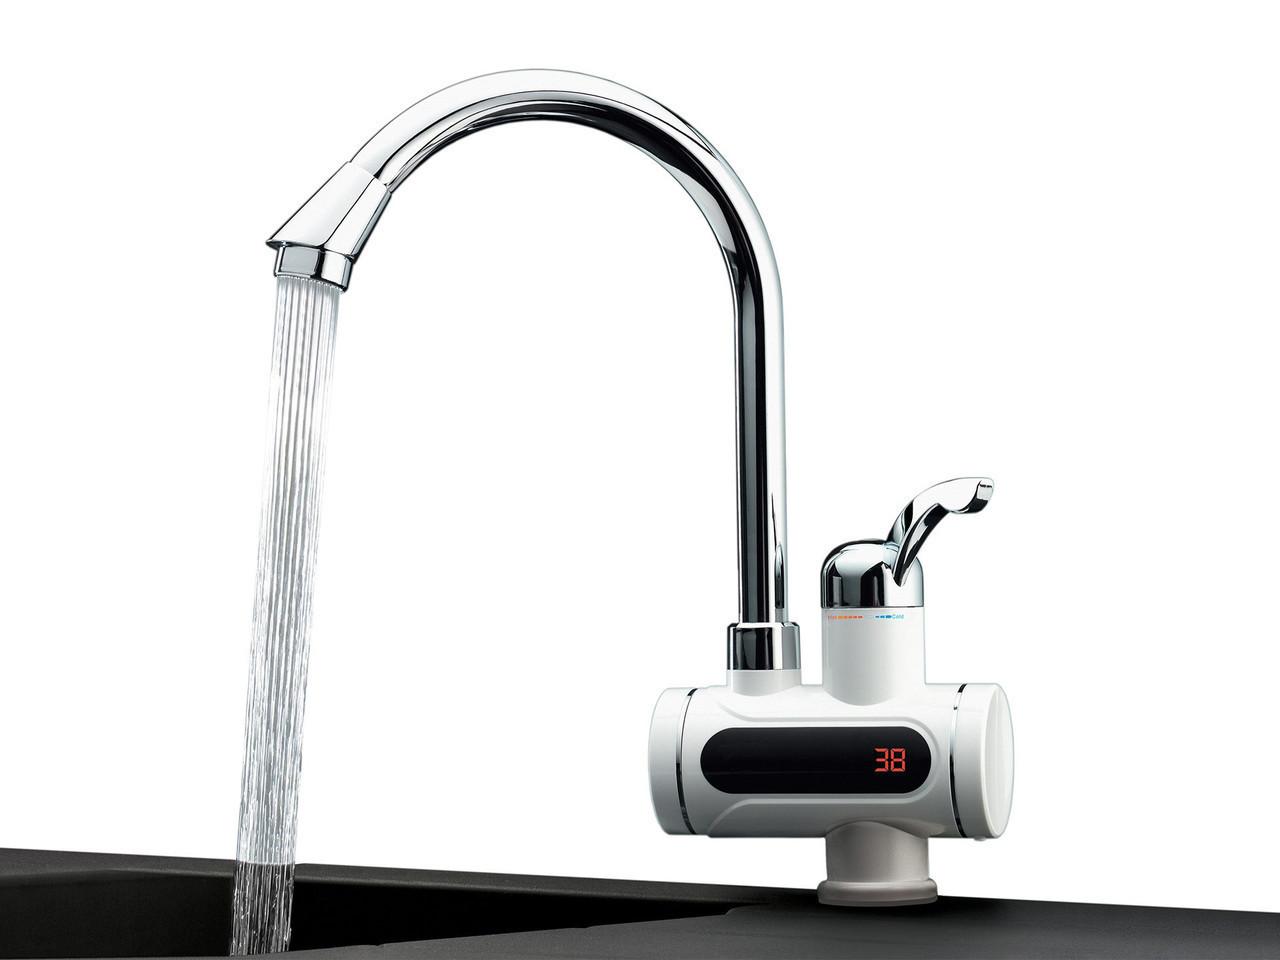 Проточный водонагреватель Delimano с экраном, кран мгновенного нагрева воды, бойлер в стиле Делимано боковое